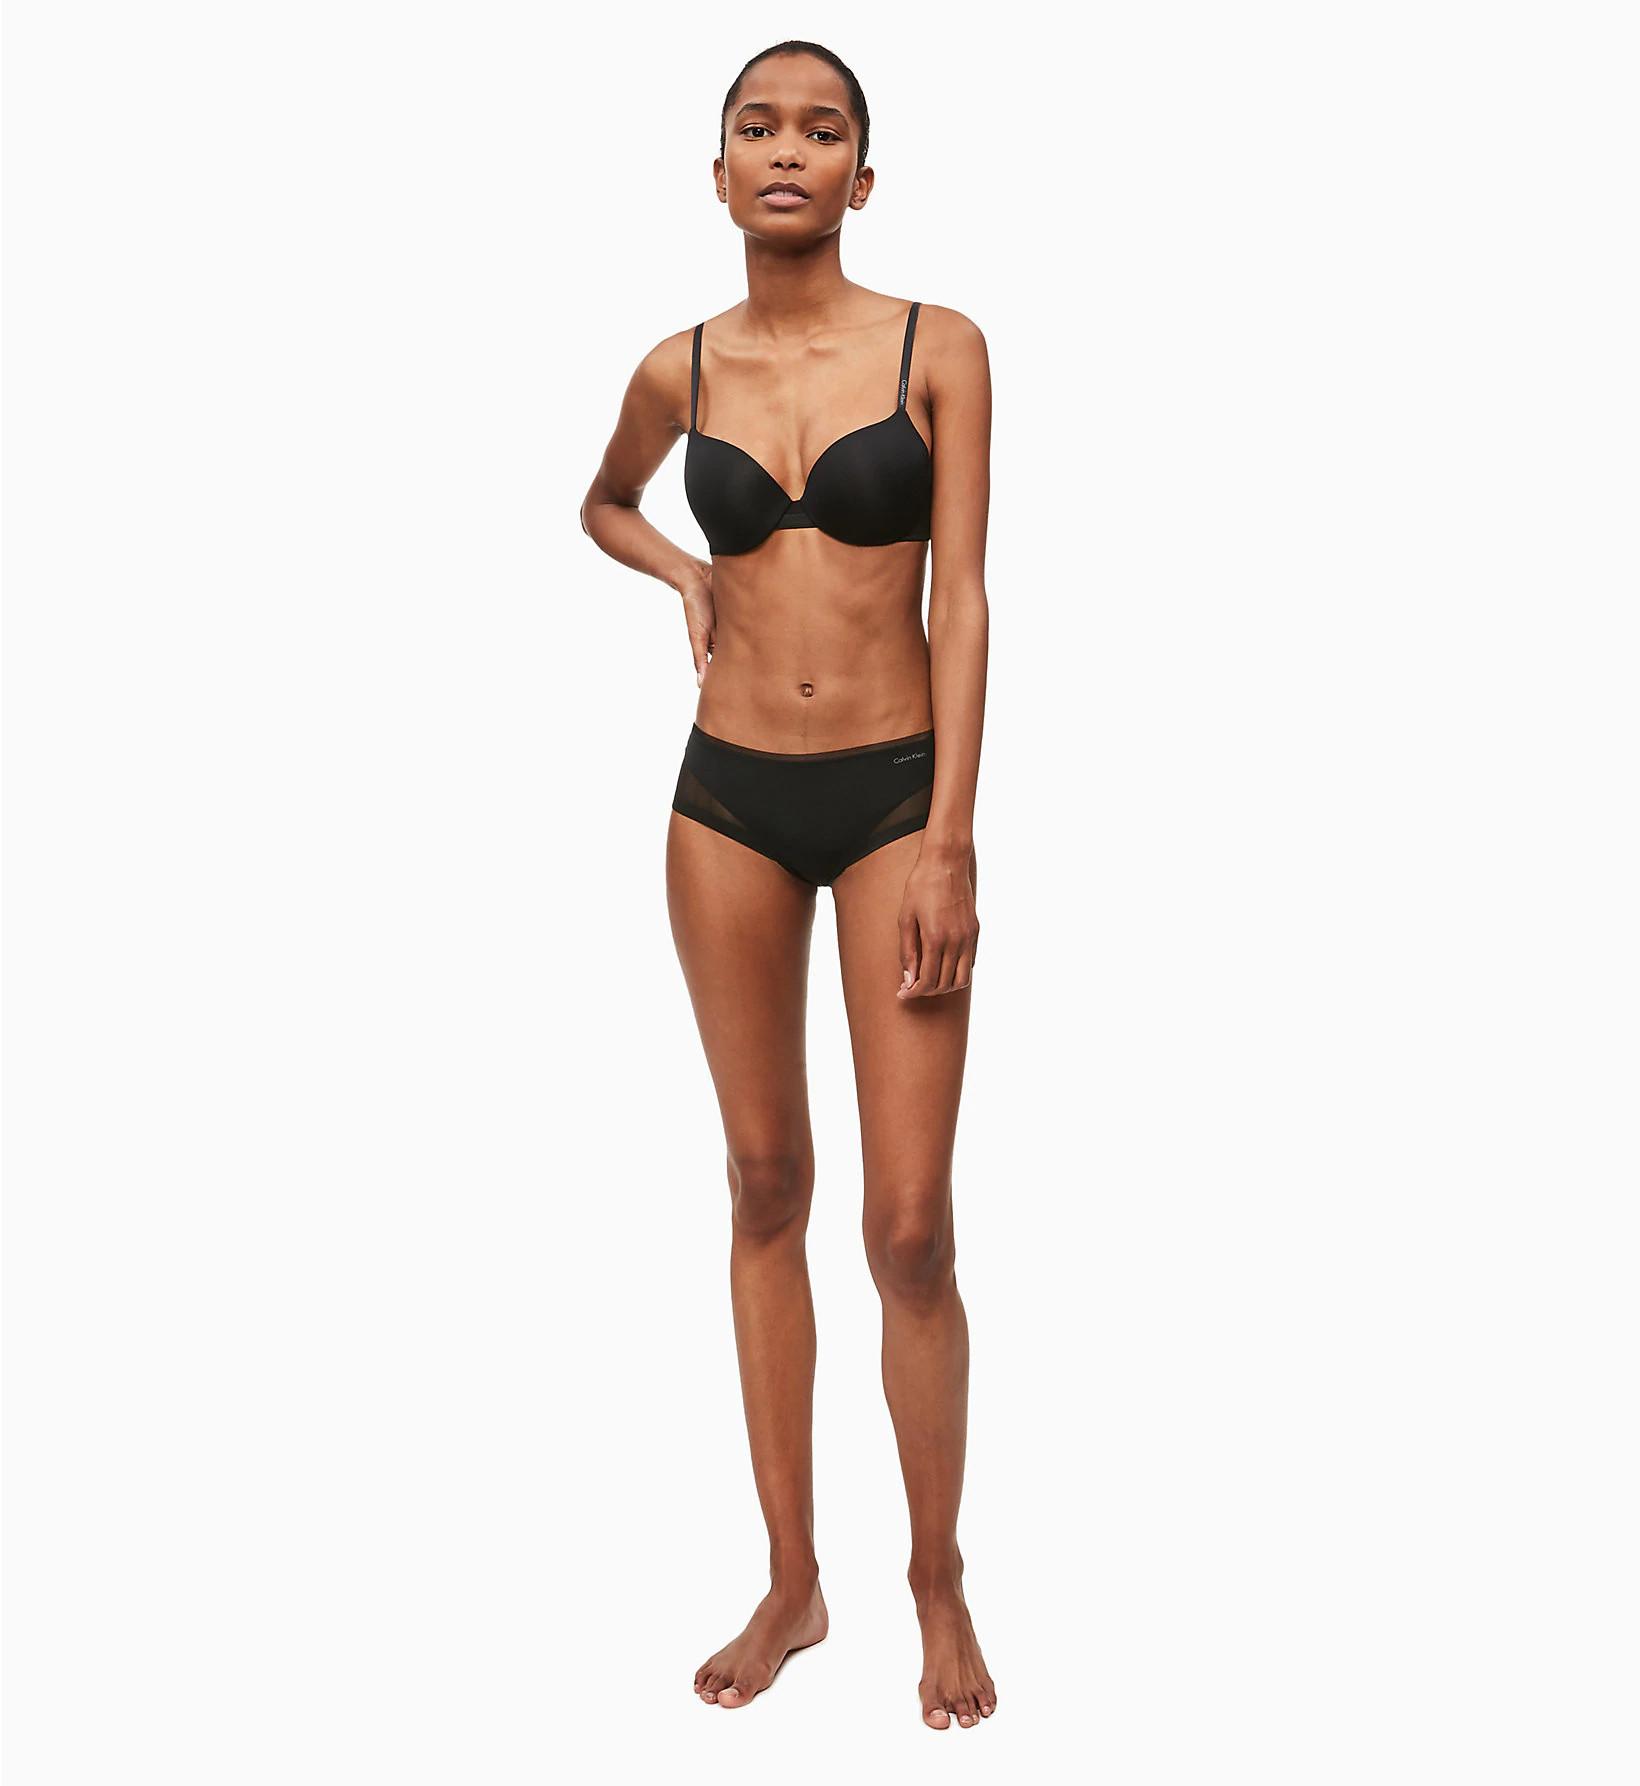 Podprsenka vystužená QF1739E-001 čierna - Calvin Klein čierna 70A